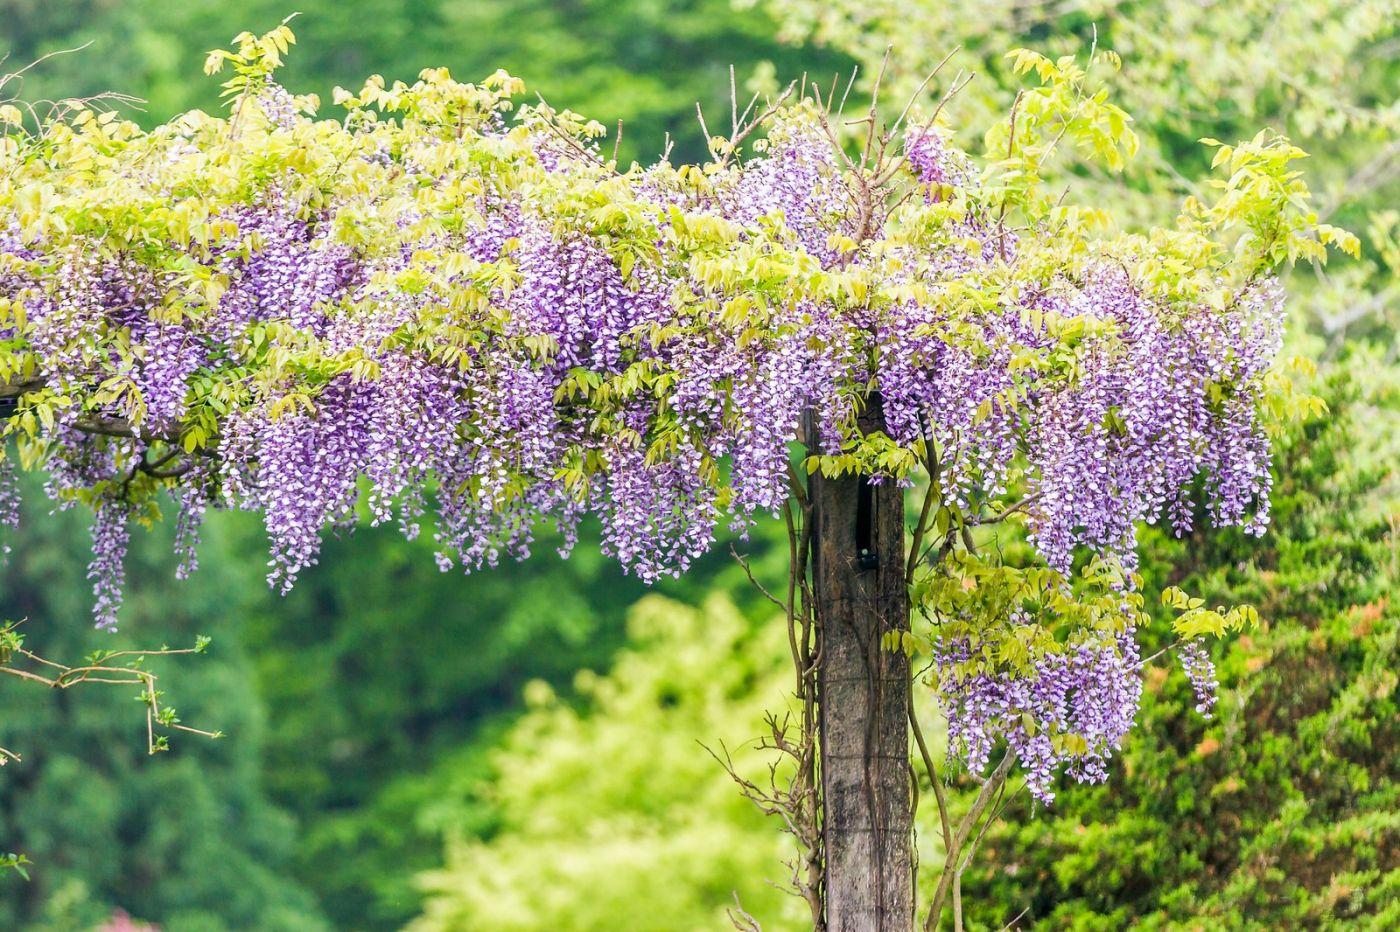 紫藤花相遇在春天_图1-7